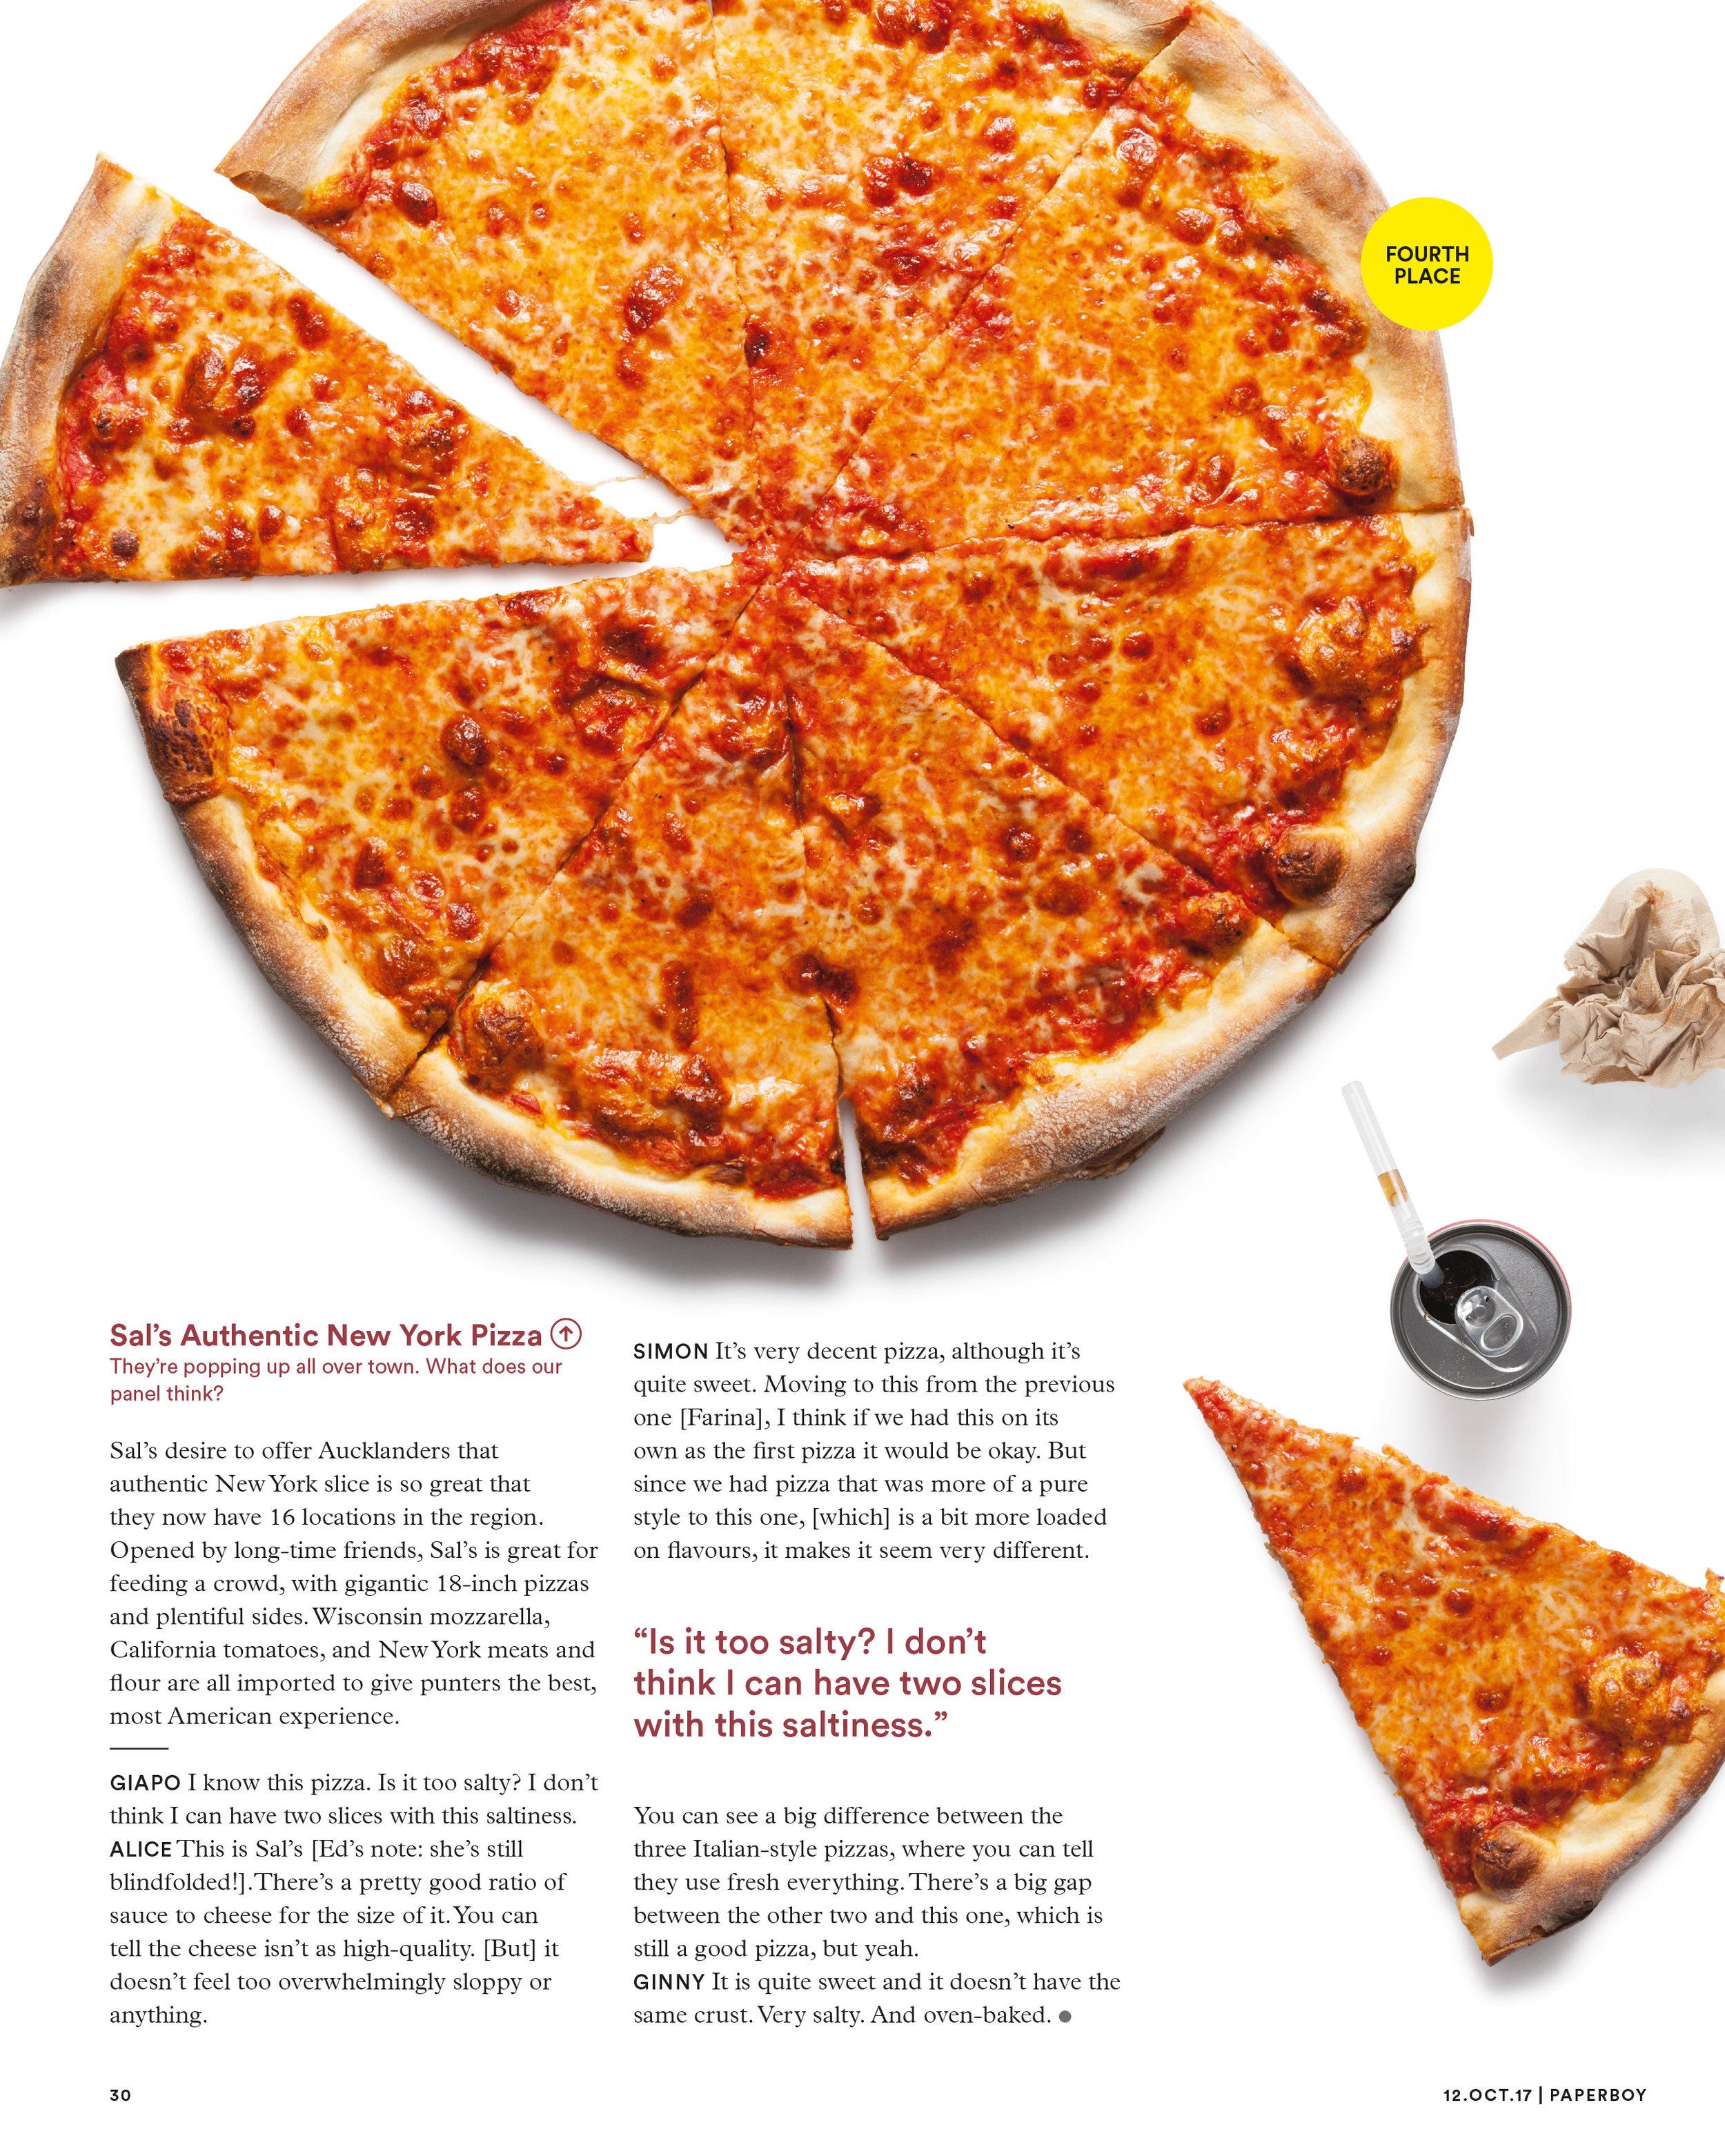 PB3817_Food_pizza1.jpg